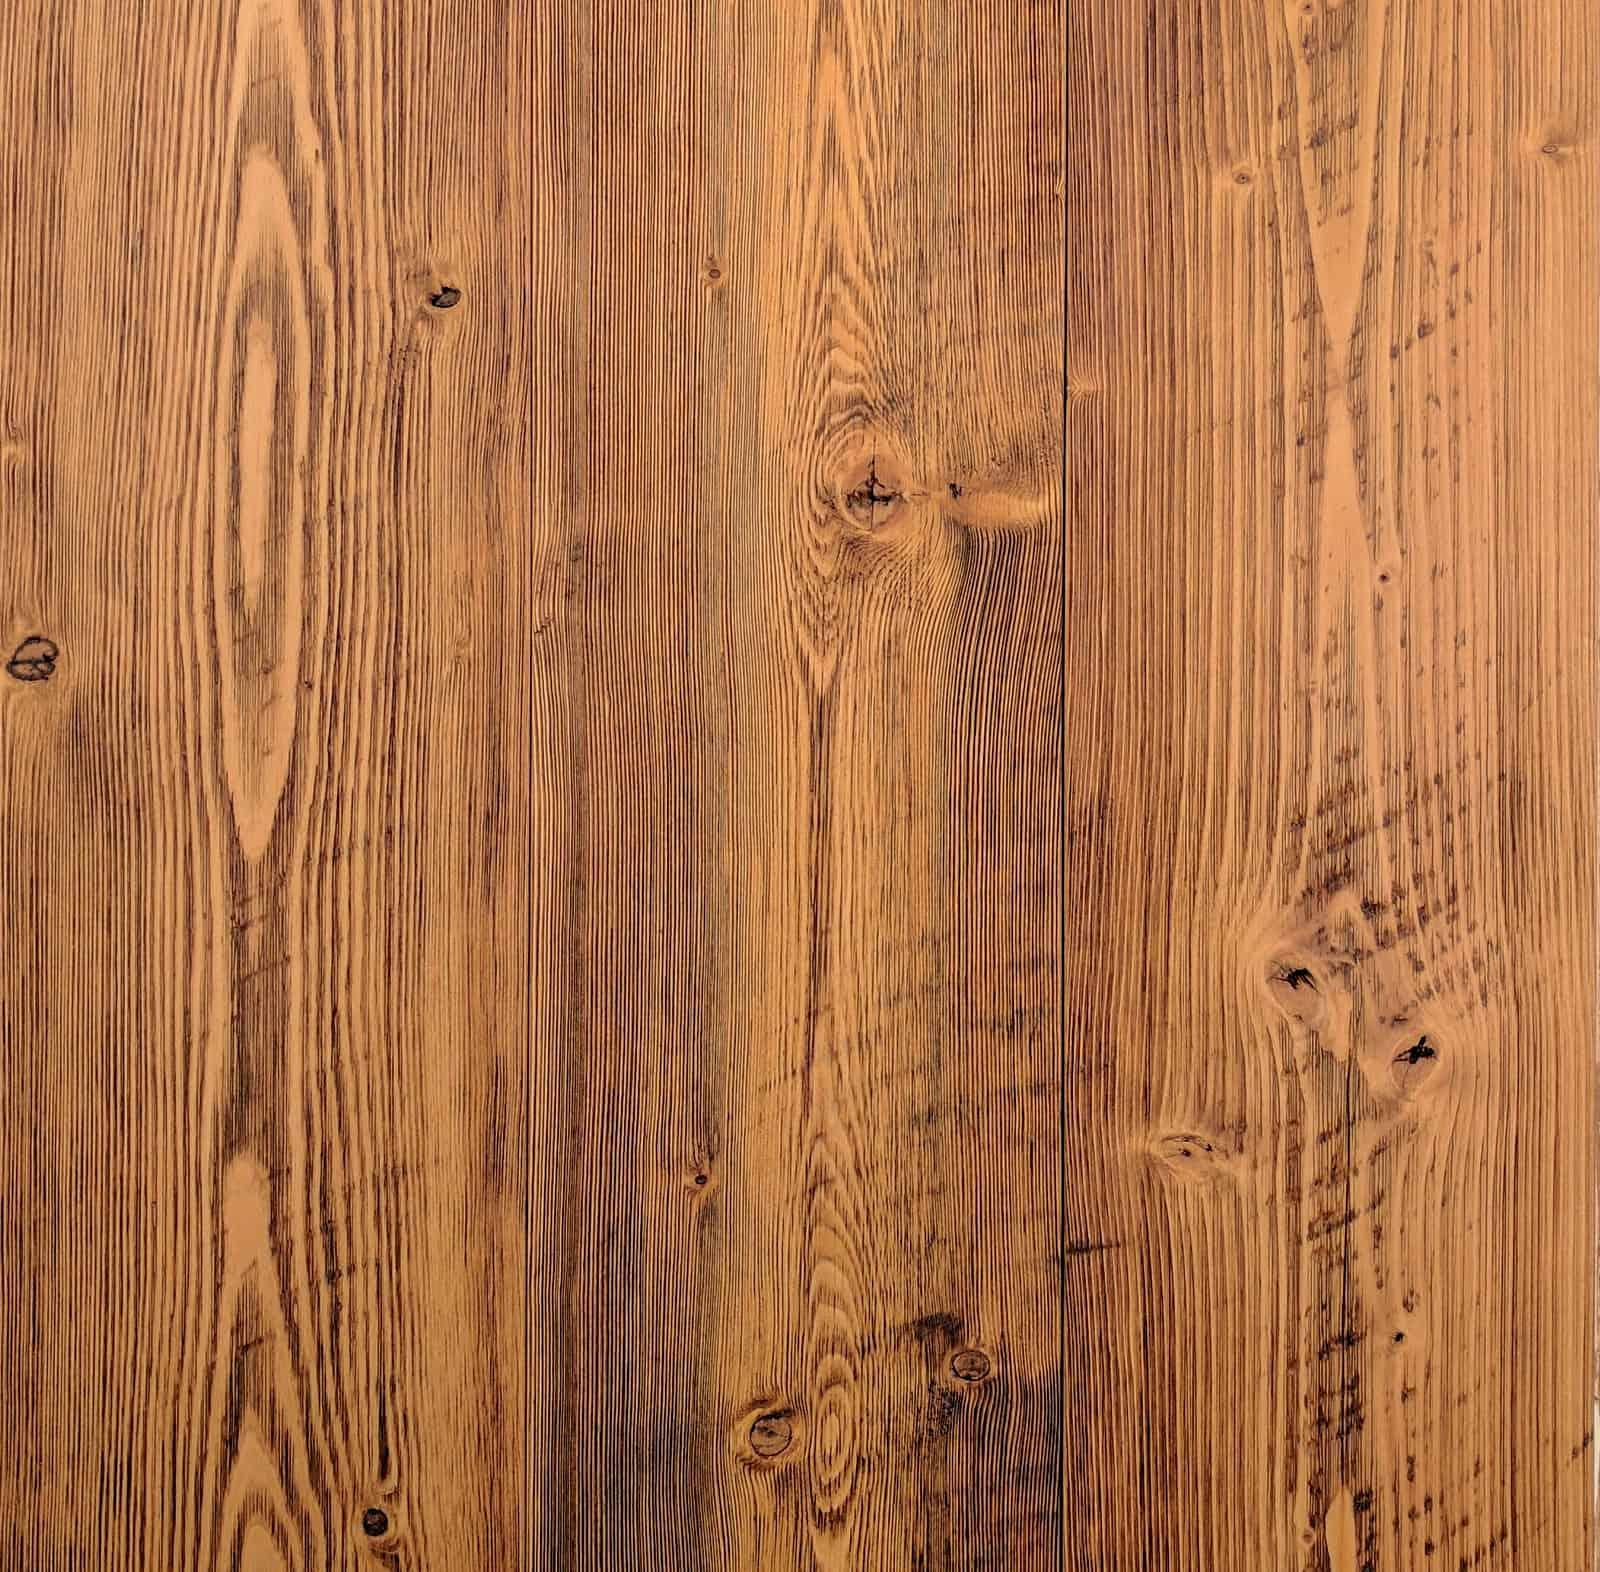 pin floors projects fir flooring clear pinterest vg douglas